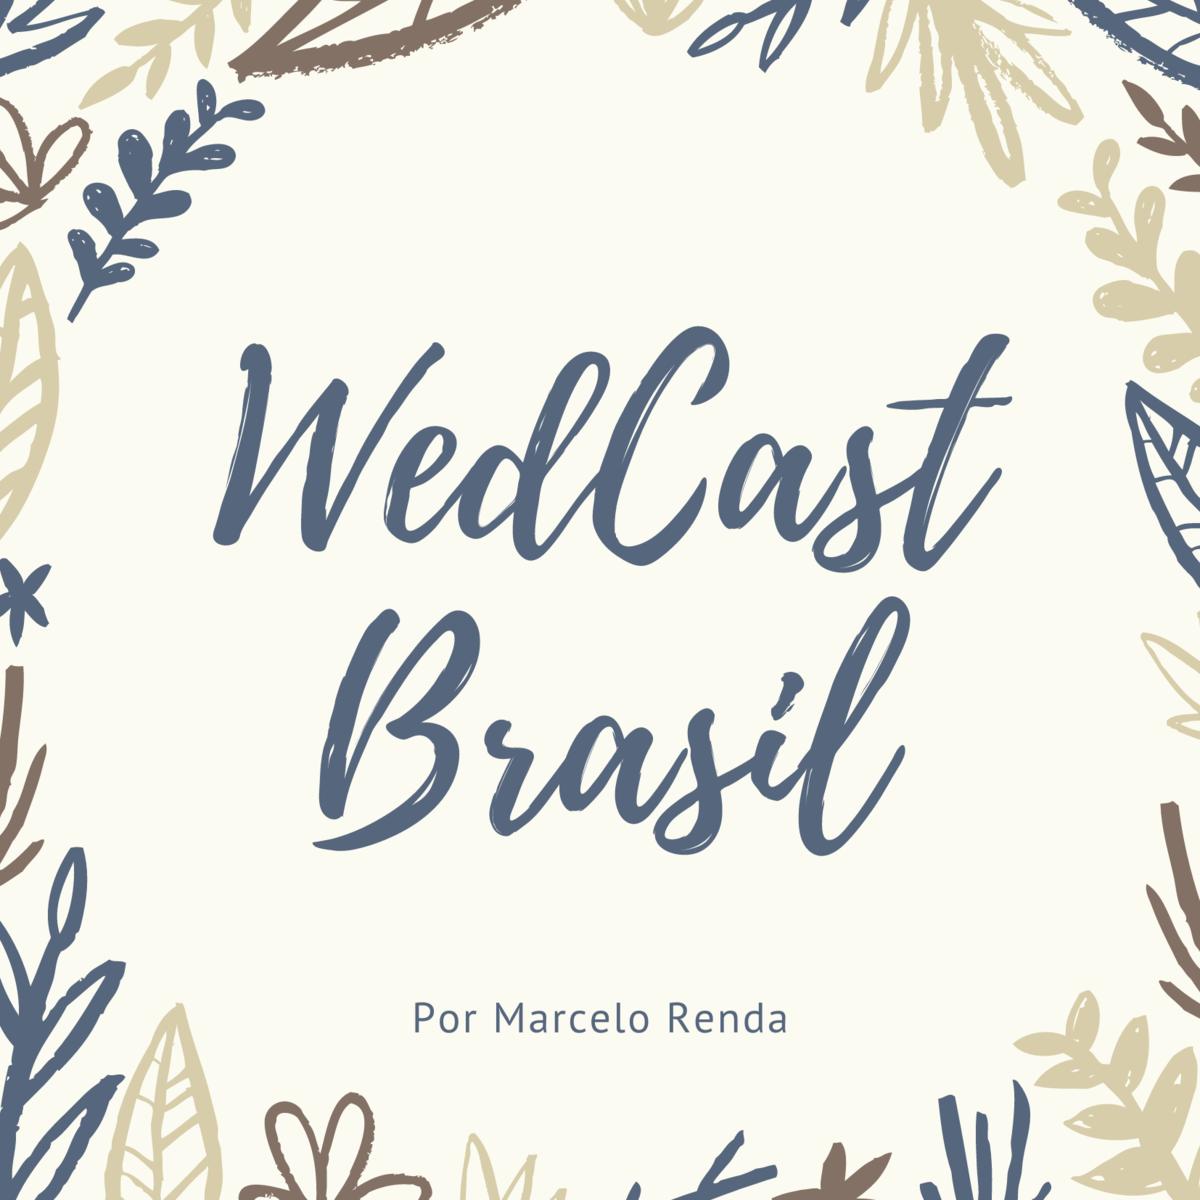 Imagem capa - WedCast Brasil #05 - Implicações da pandemia por Marcelo Renda